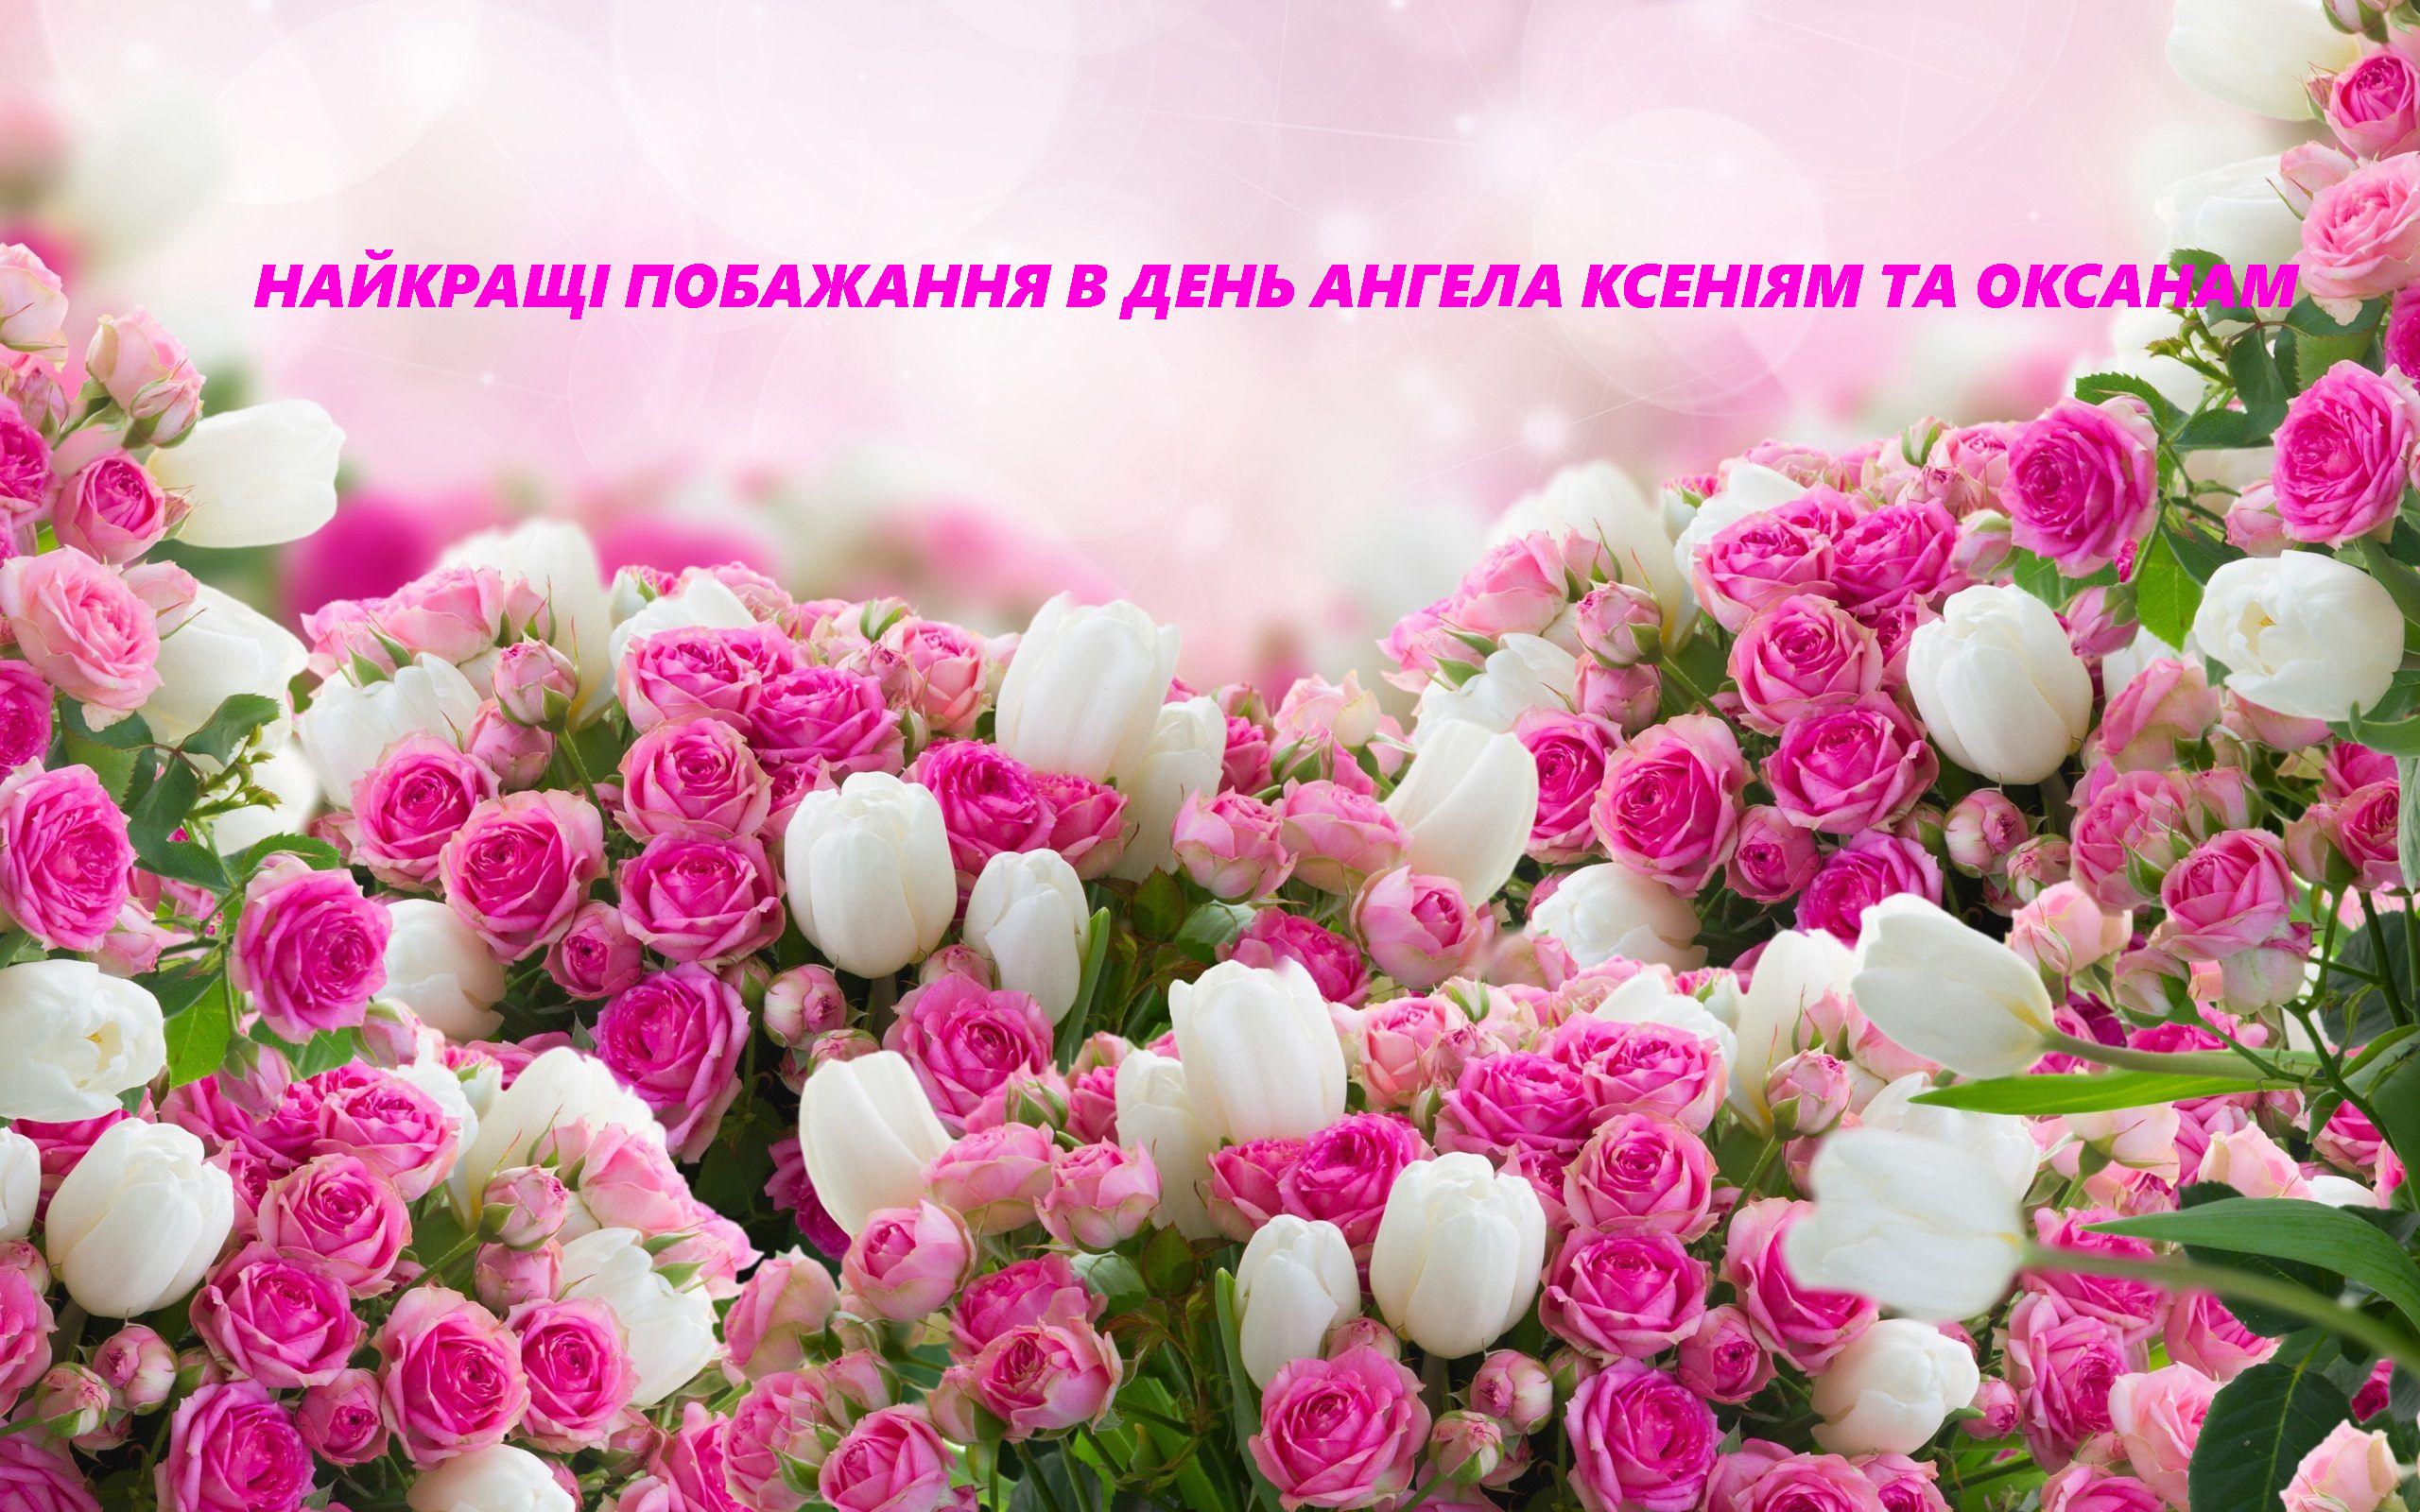 Кашпо для цветов из цемента